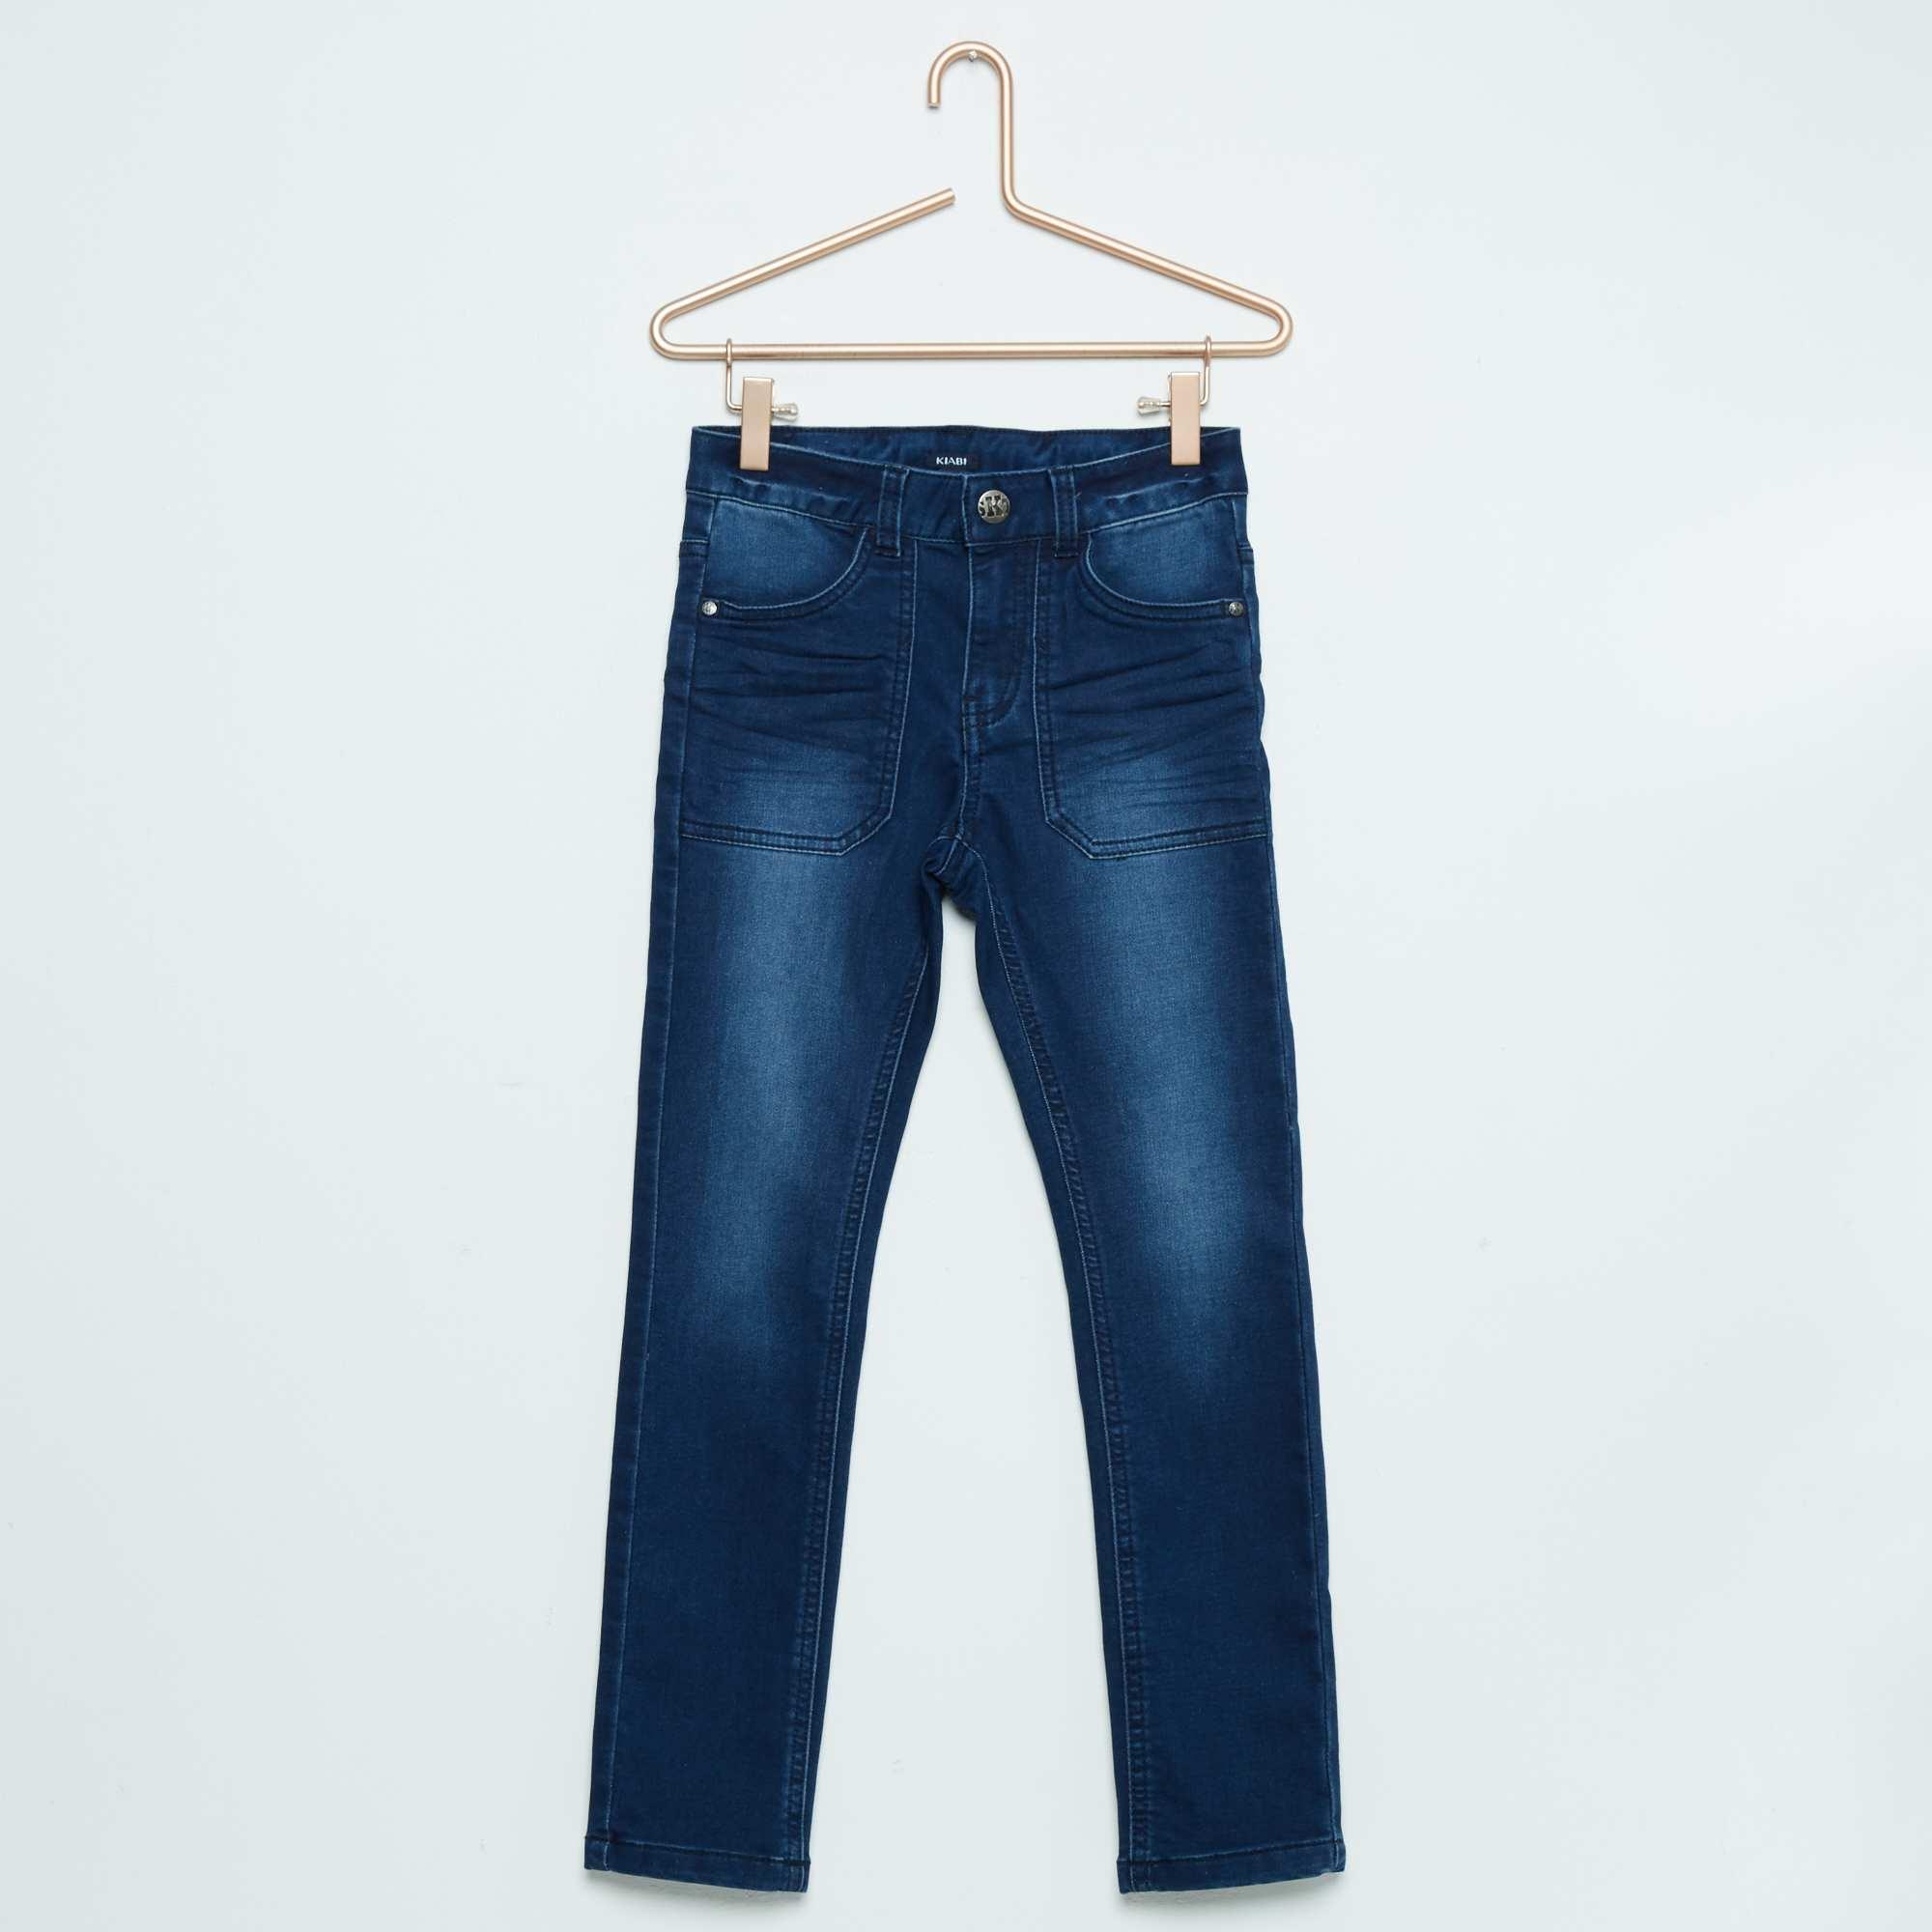 Couleur : brut, double stone, ,, - Taille : 4A, 8A, ,,Le pantalon denim en version skinny ! - Pantalon en coton stretch - Taille ajustable